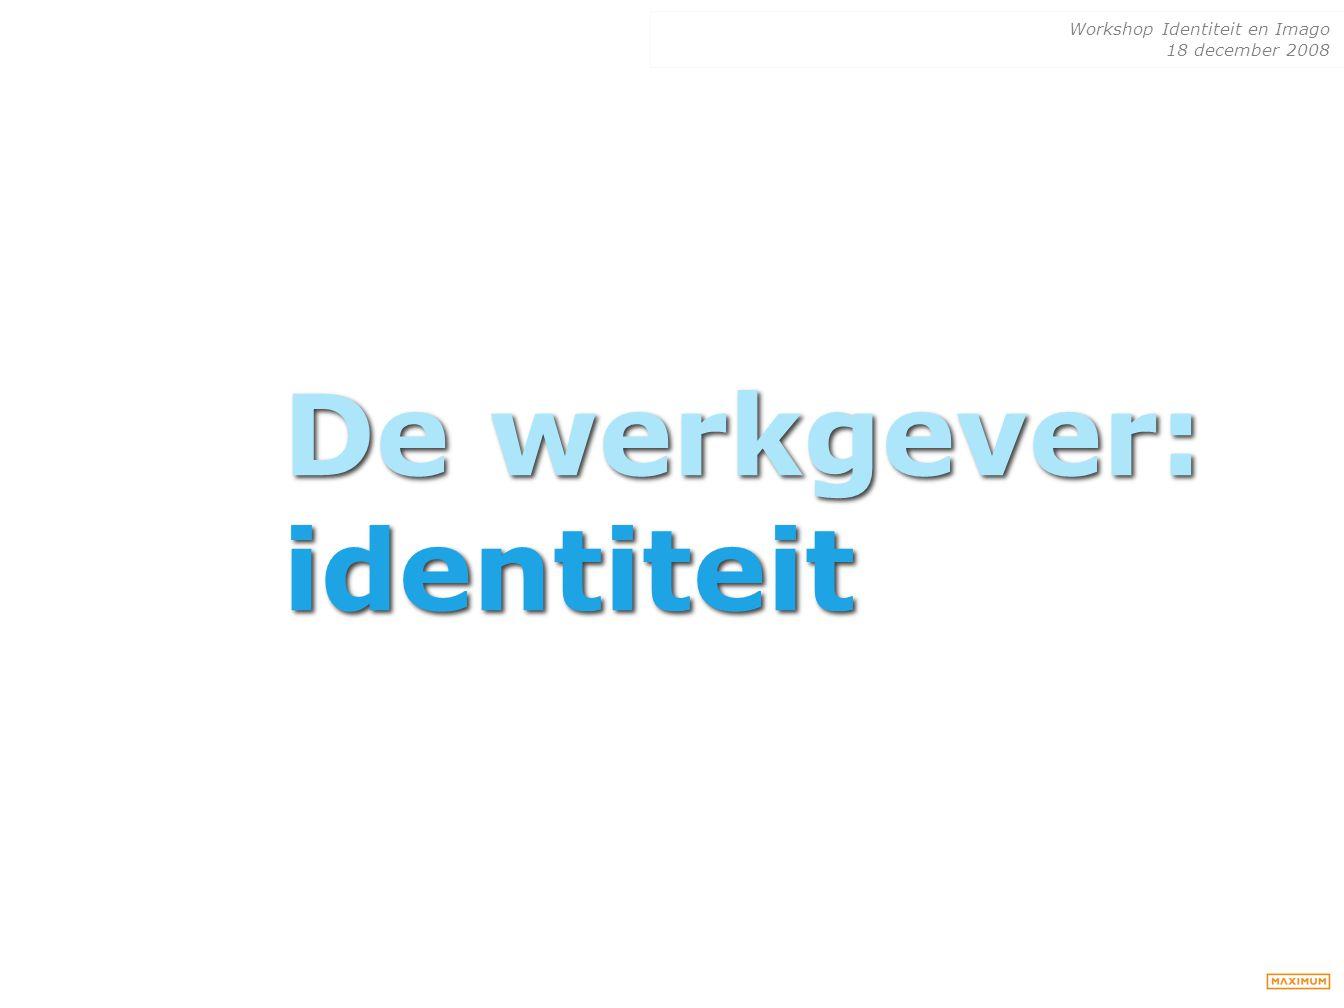 De werkgever: identiteit